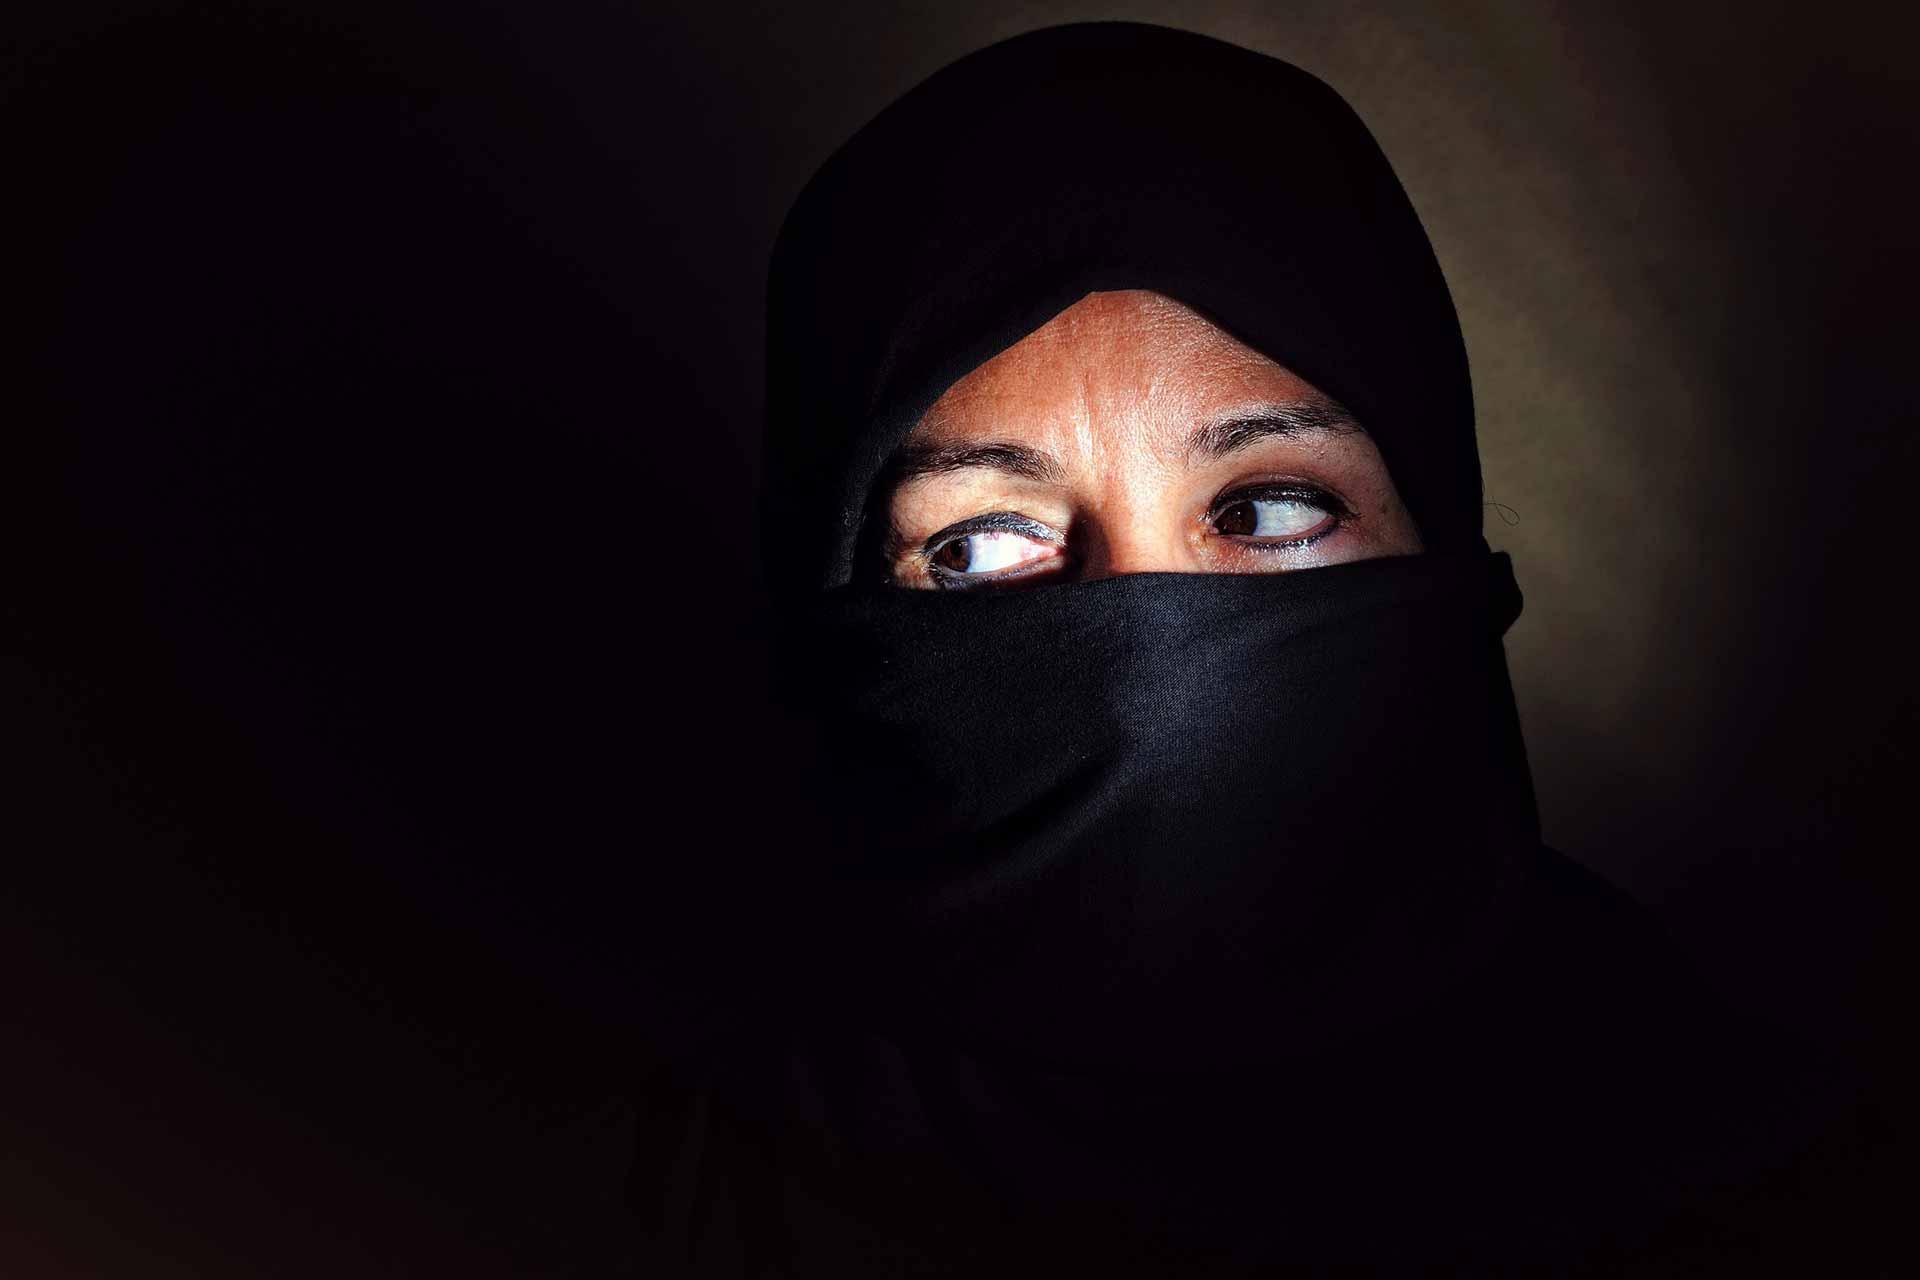 Islam Muslim woman